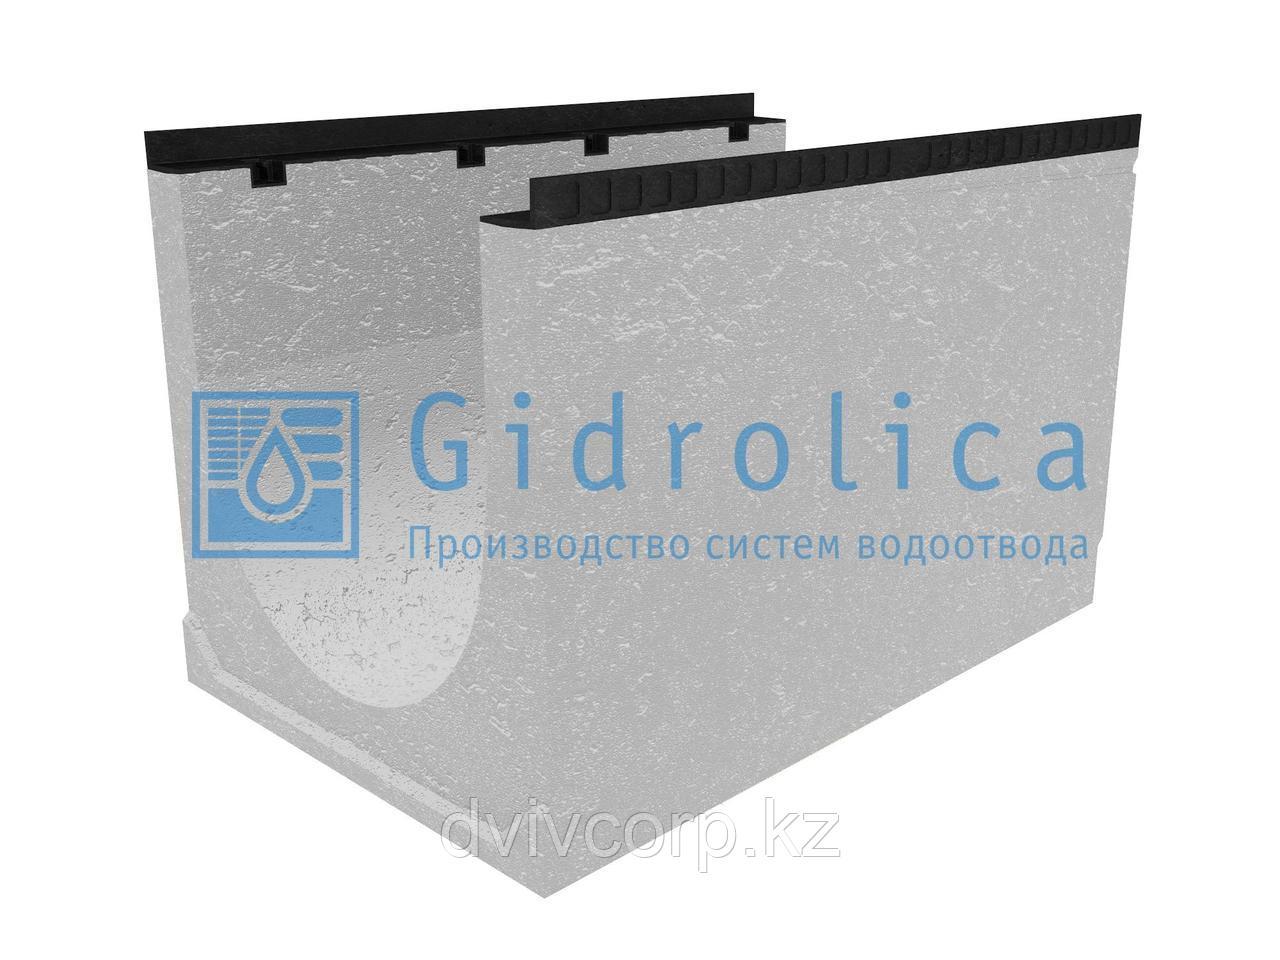 Лоток водоотводный бетонный коробчатый (СО-500мм)КU 100.65(50).65(56) - BGМ, № 40-0